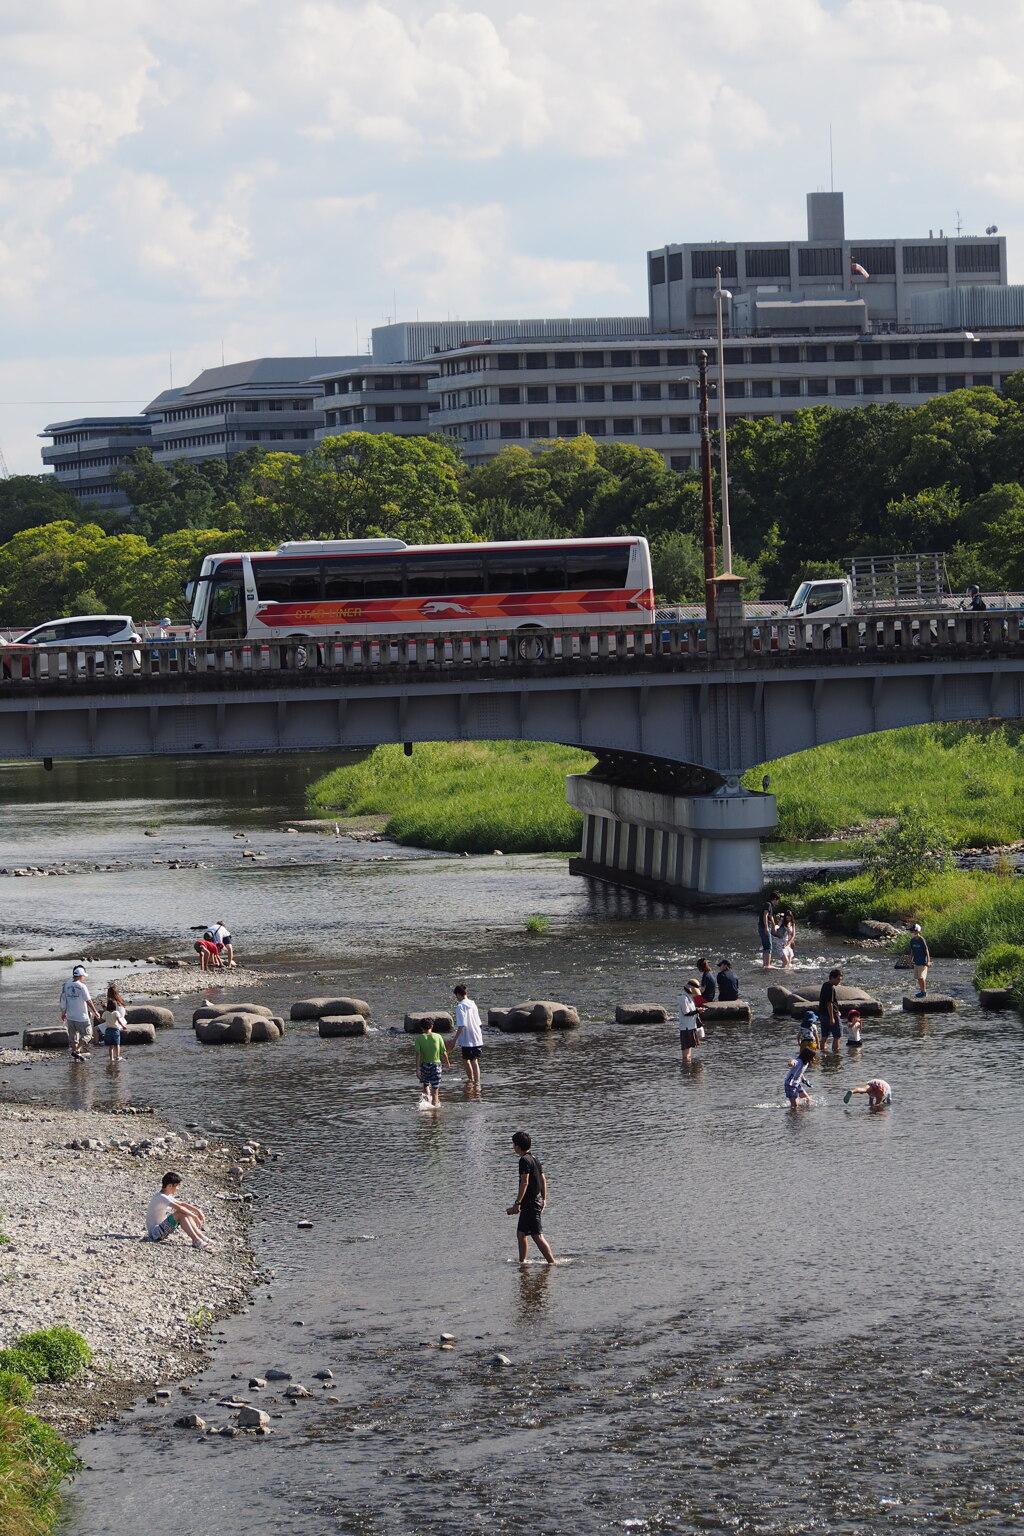 京の街 残暑厳しや 川遊び